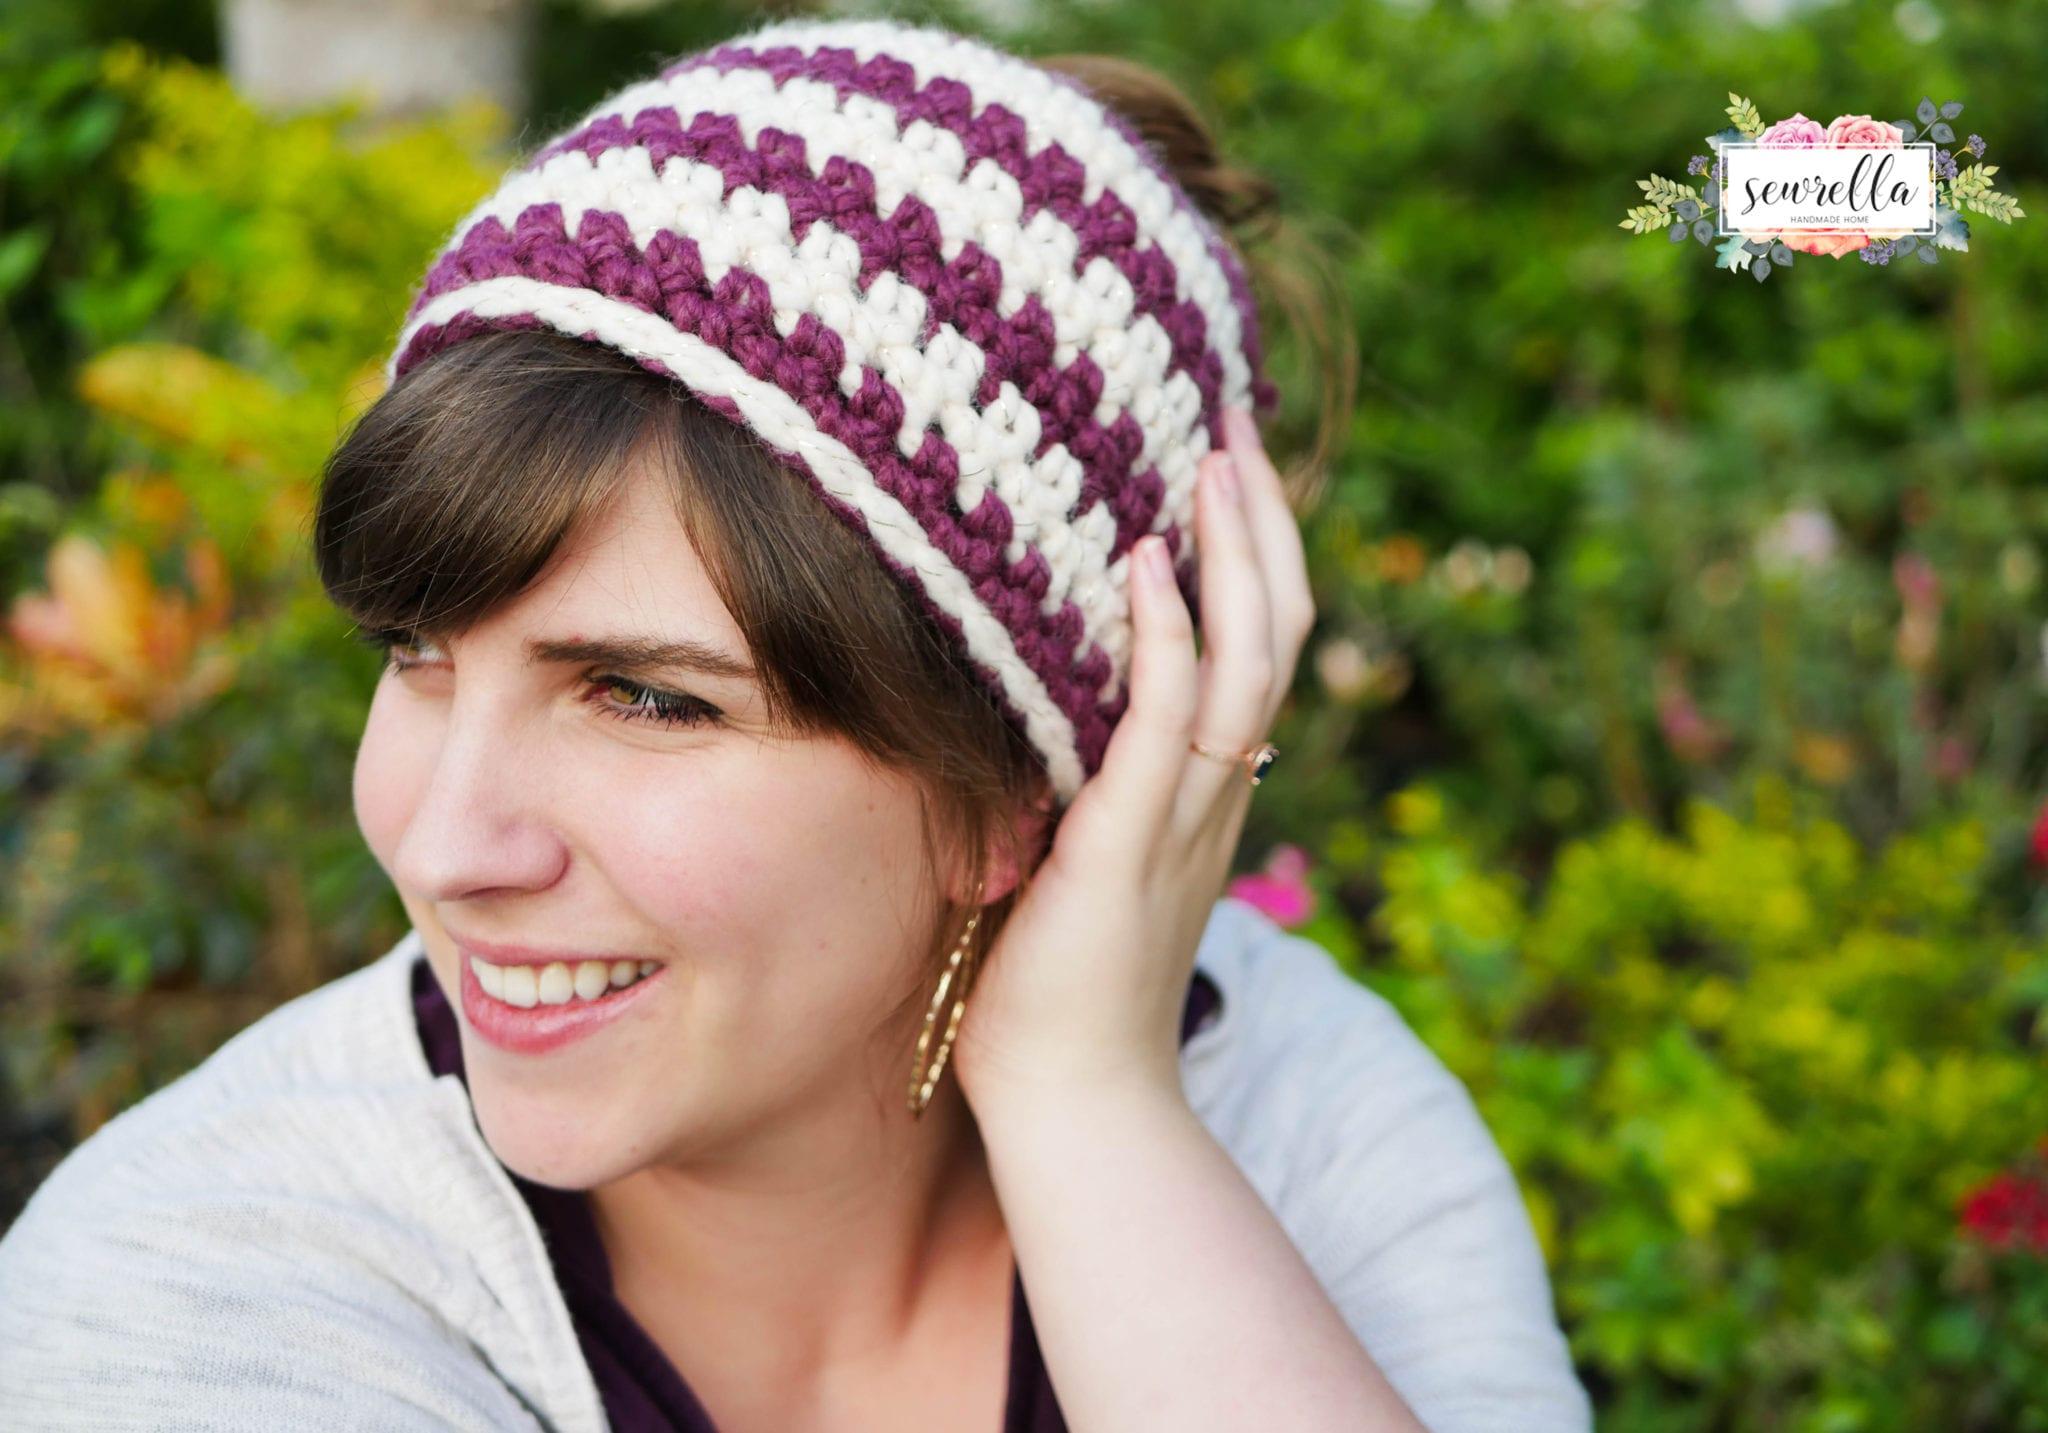 Crochet 1 hour Messy Bun Beanie - Sewrella 4097e92a04b